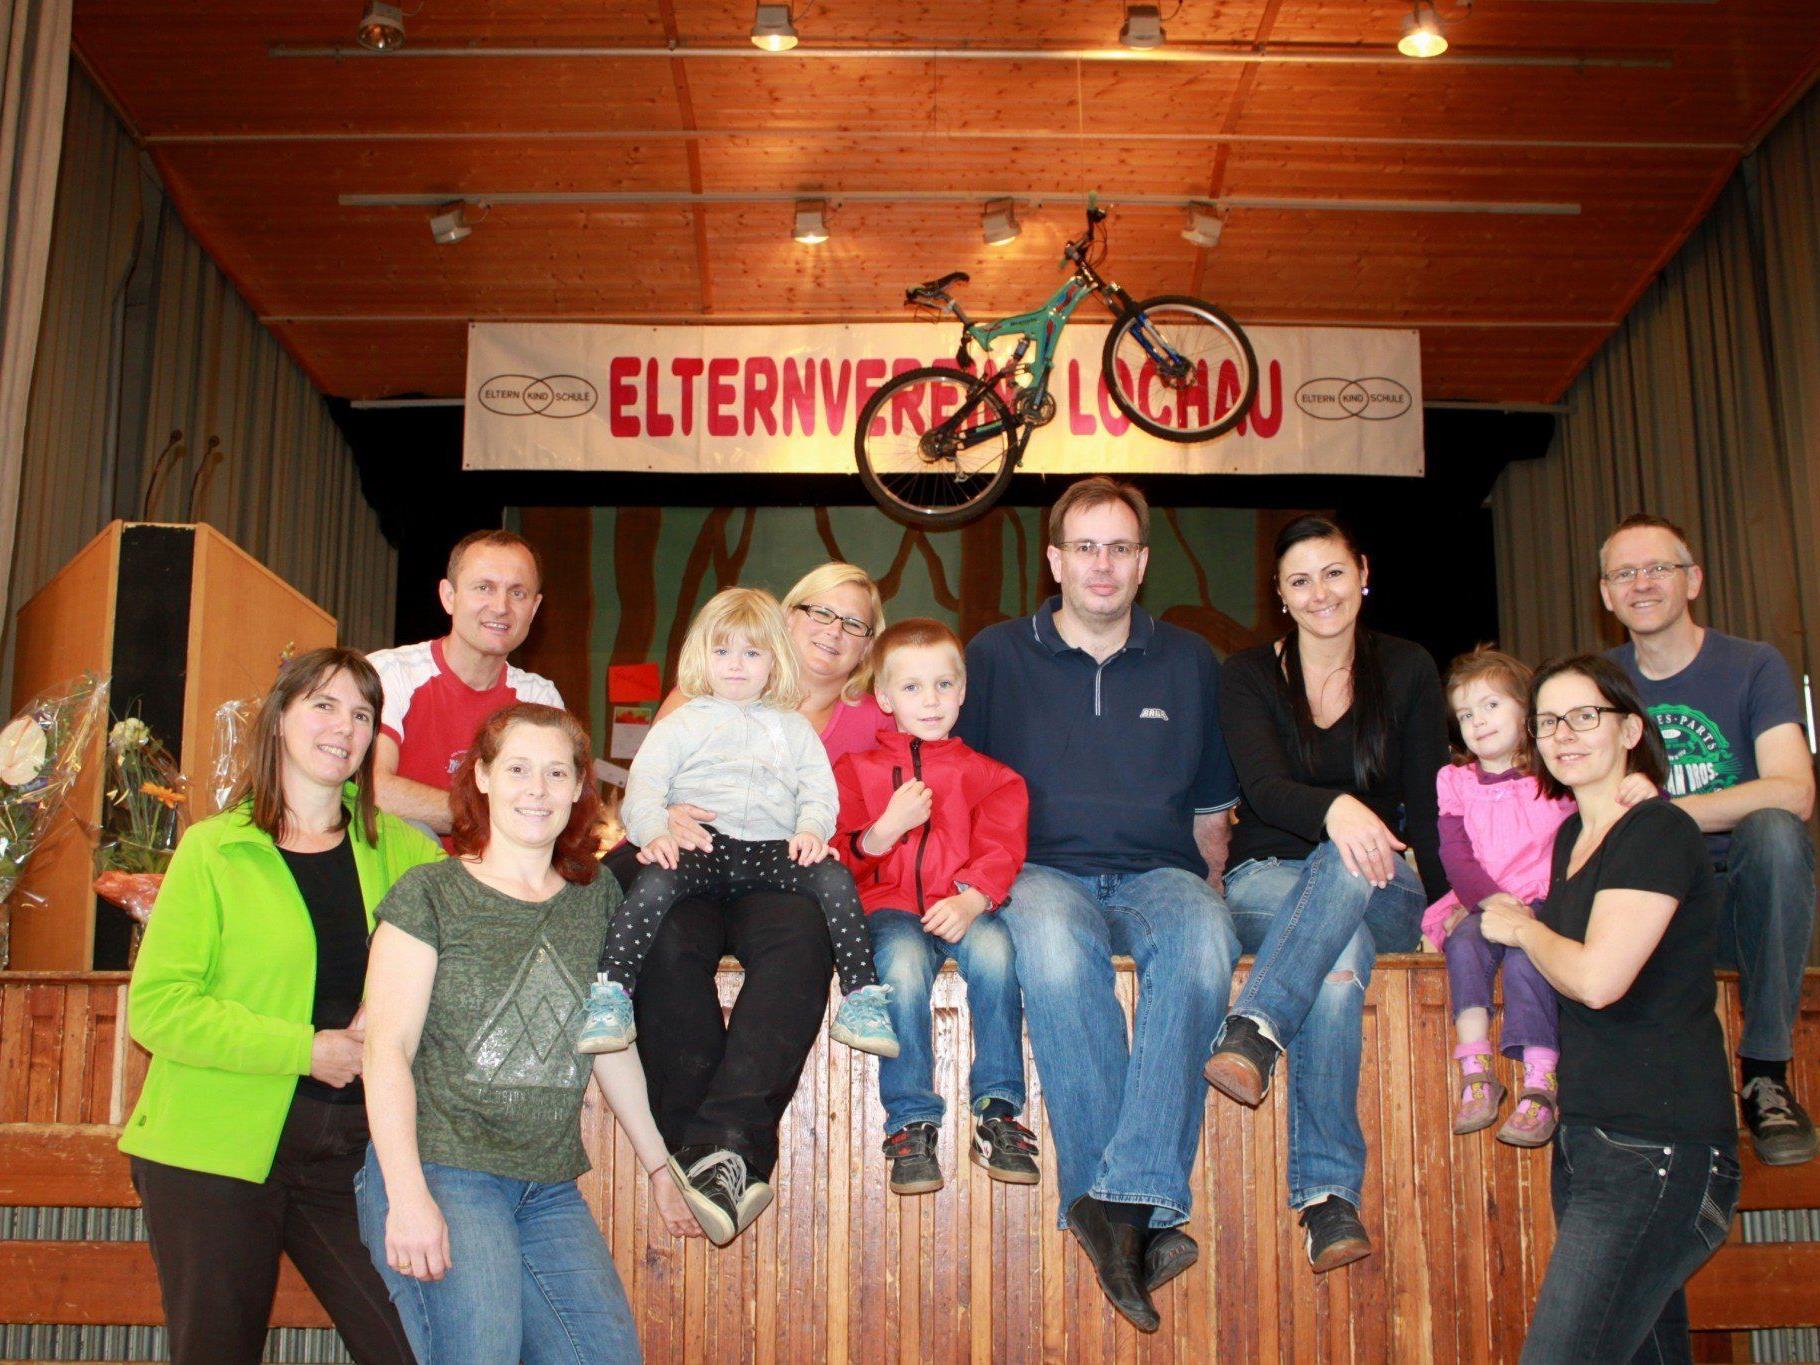 Das alljährliche Preisjassen wird vom Team des Lochauer Elternvereines bestens organisiert.